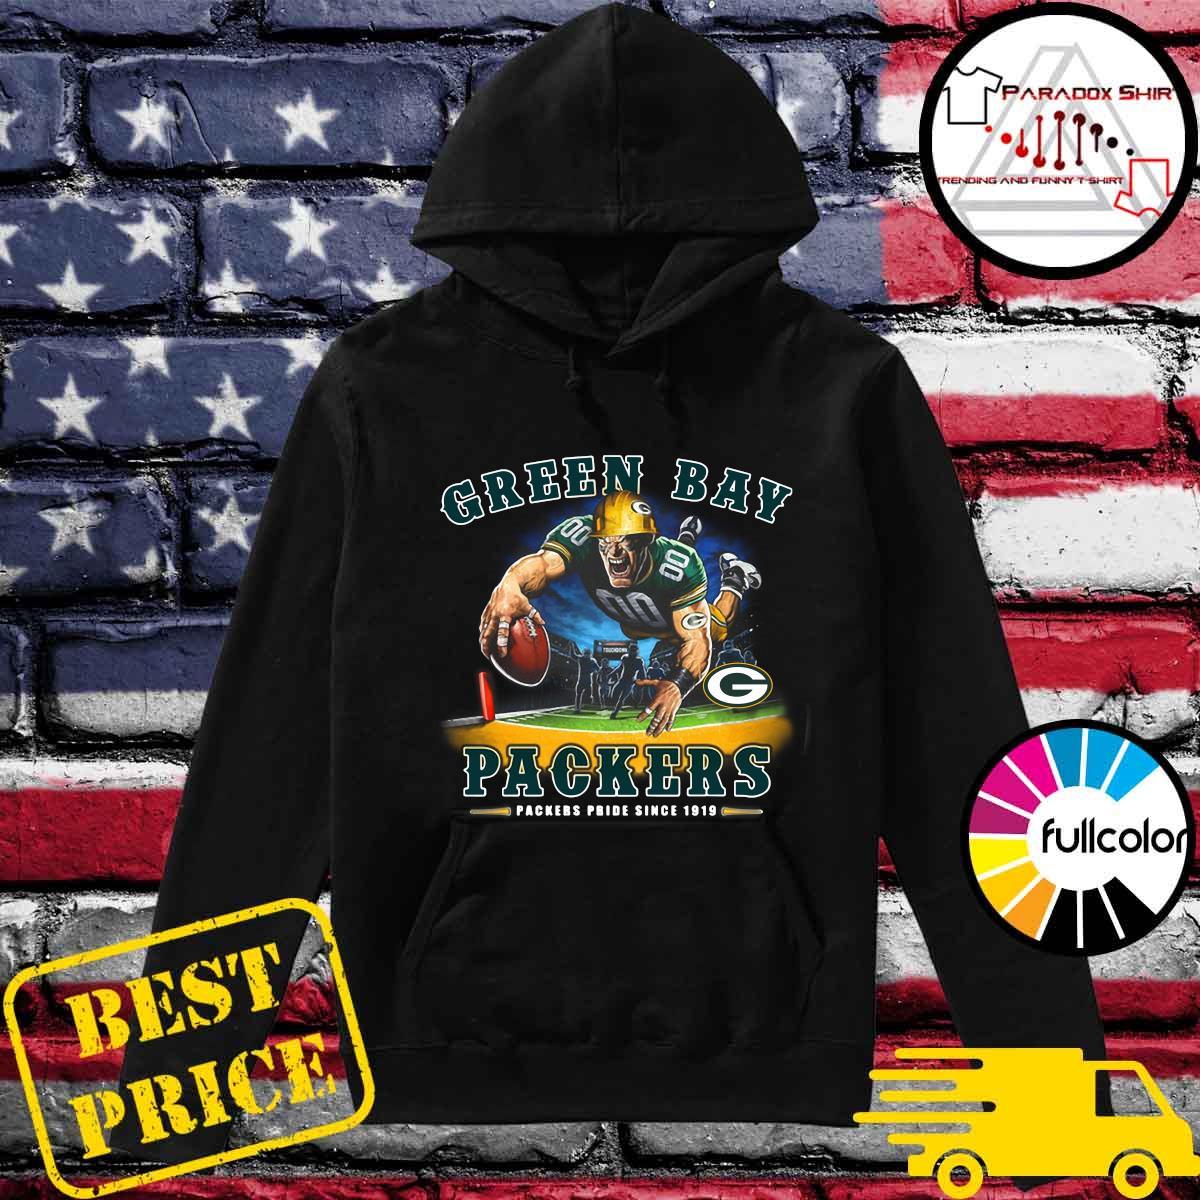 Green Bay Packers Packers Pride Since 1919 Shirt Hoodie